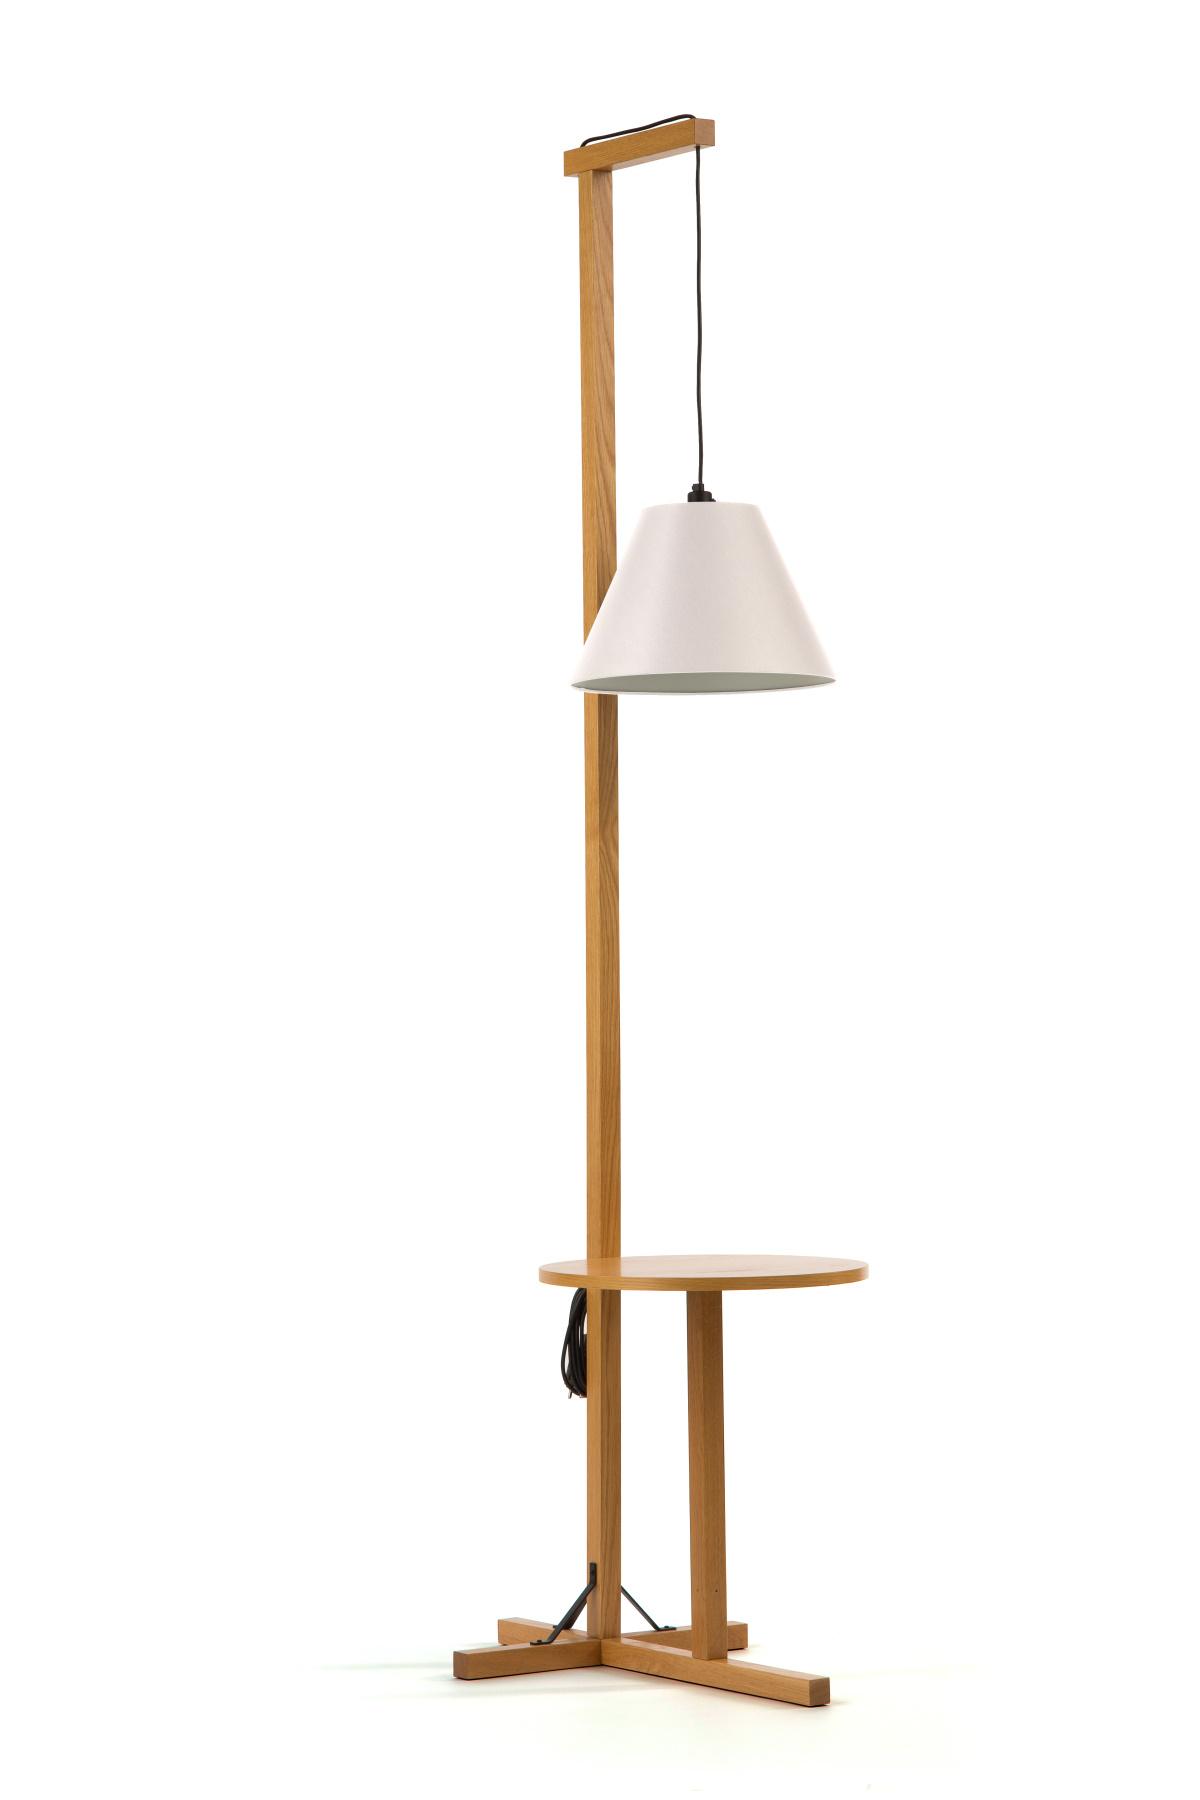 Full Size of Beistelltisch Flim Lampe Wohnzimmer Holz Tisch Eiche Stehlampe Fliesen Holzoptik Bad Holzhaus Garten Holzofen Küche Bett Holzregal Spielhaus Massivholz Wohnzimmer Stehlampe Holz